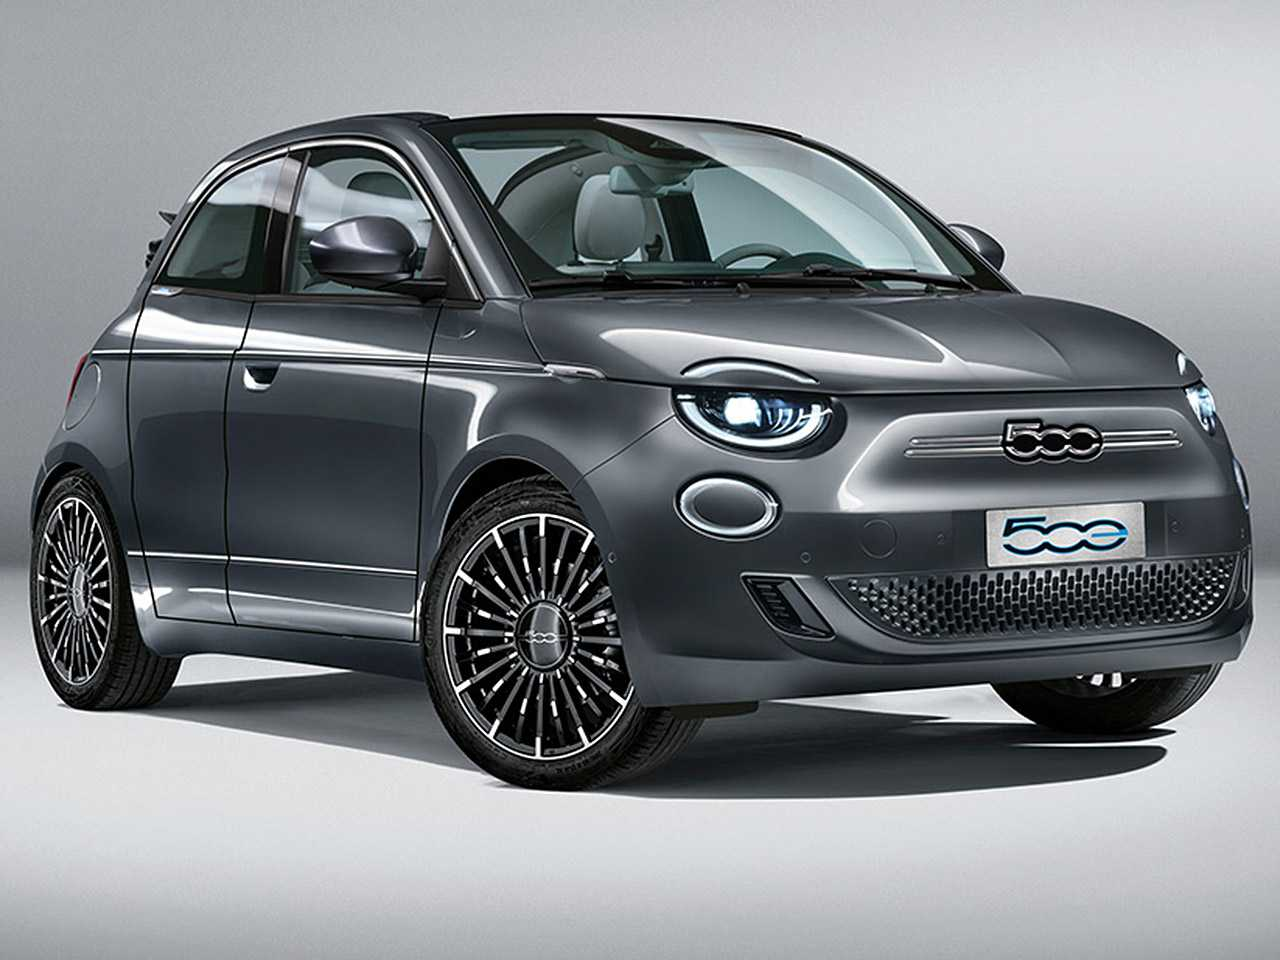 Projeção de Kleber Silva para a configuração 3 portas baseada na nova geração do Fiat 500